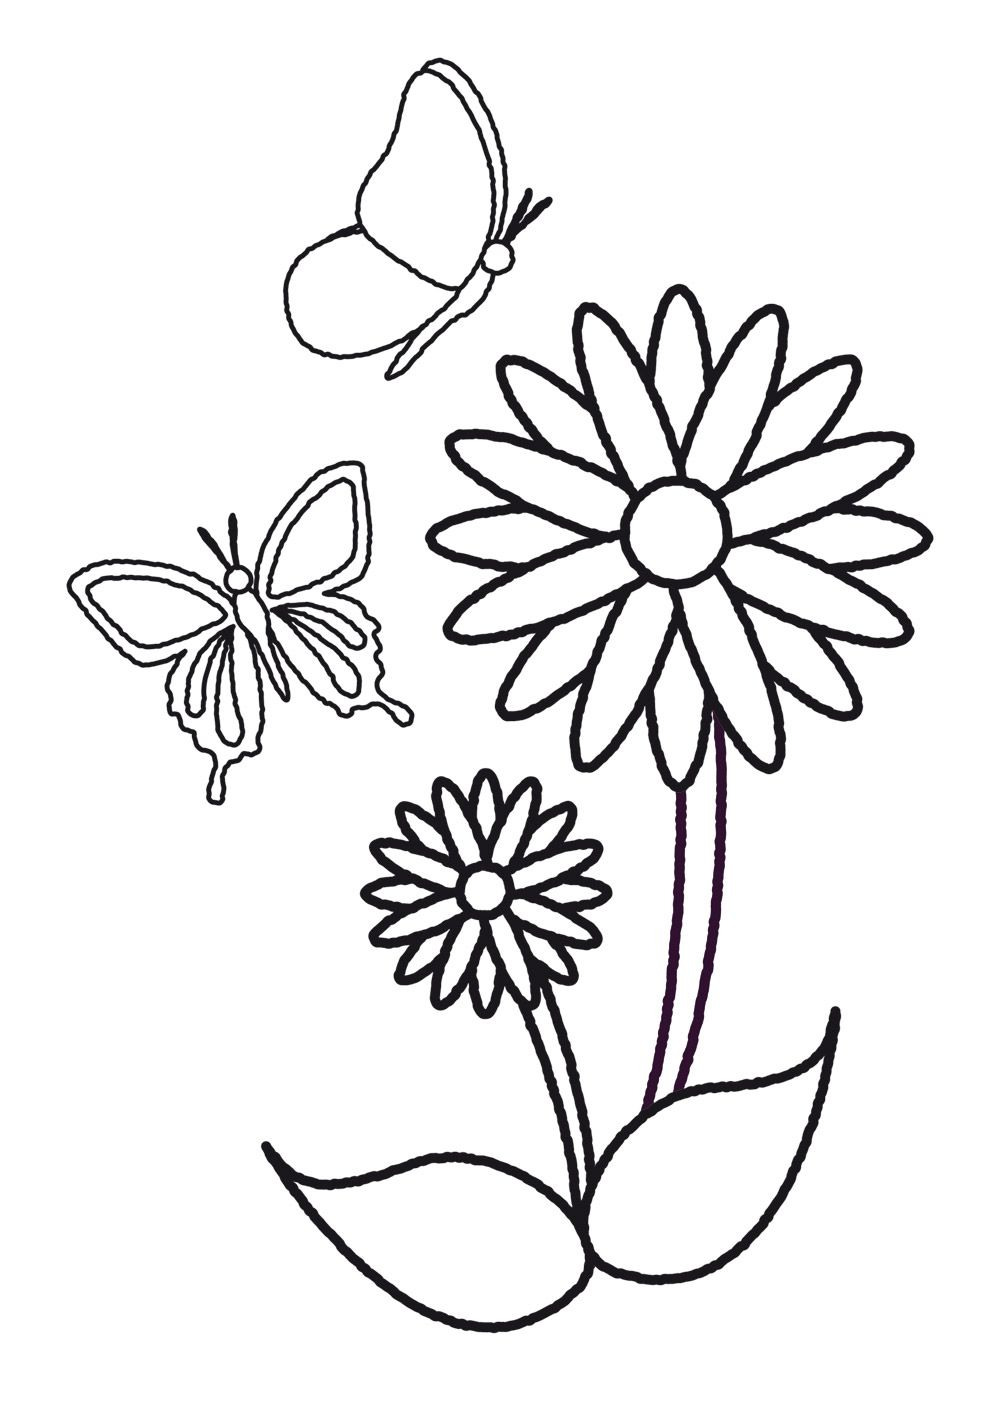 Mariposas para dibujar faciles the - Plantillas para pintar ...